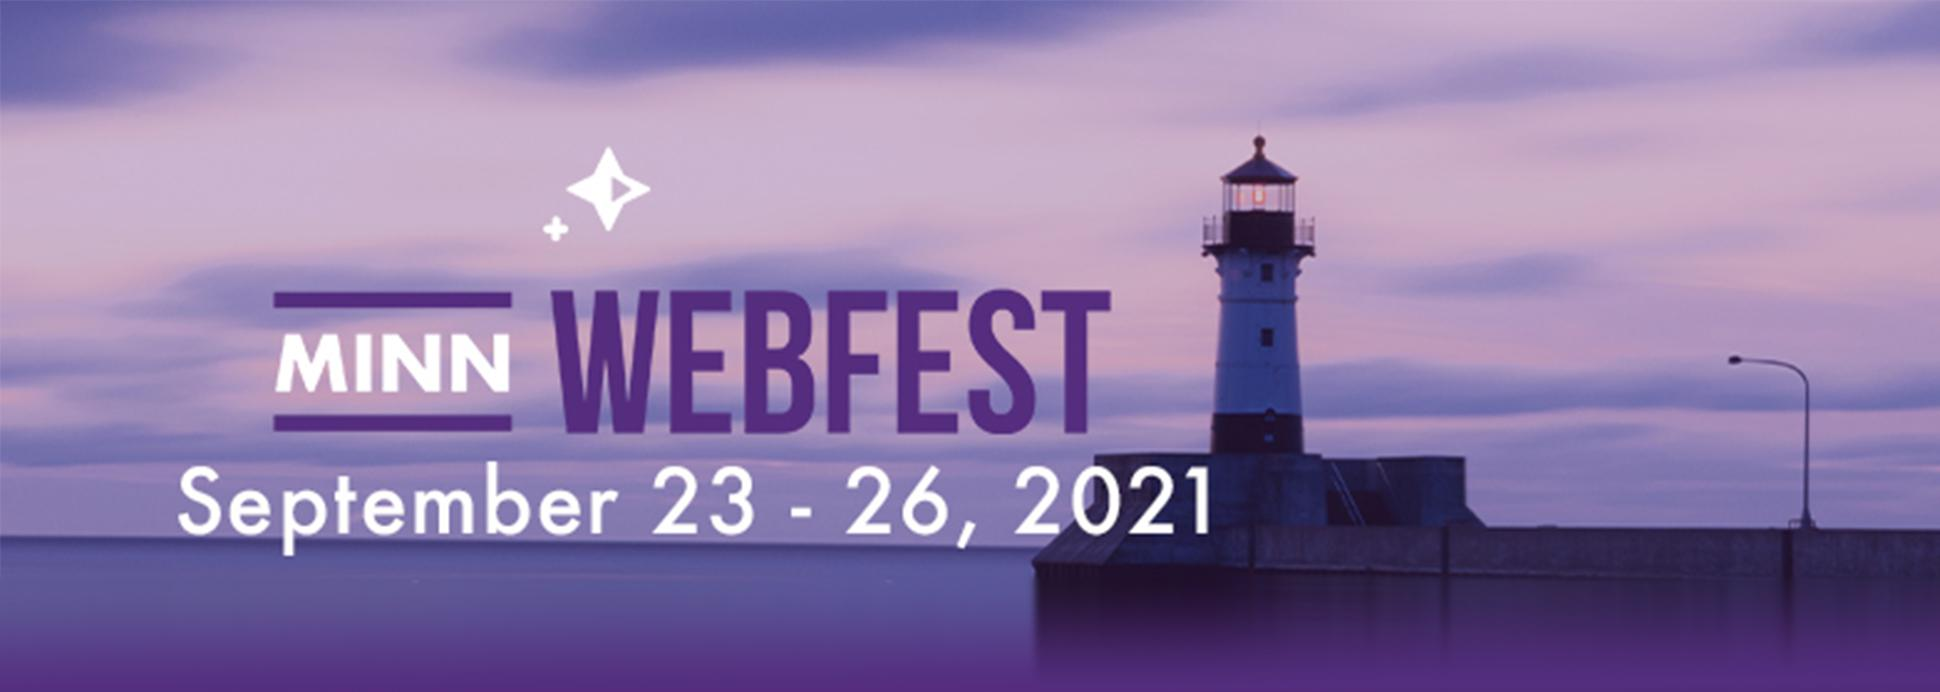 MN WebFest 2021